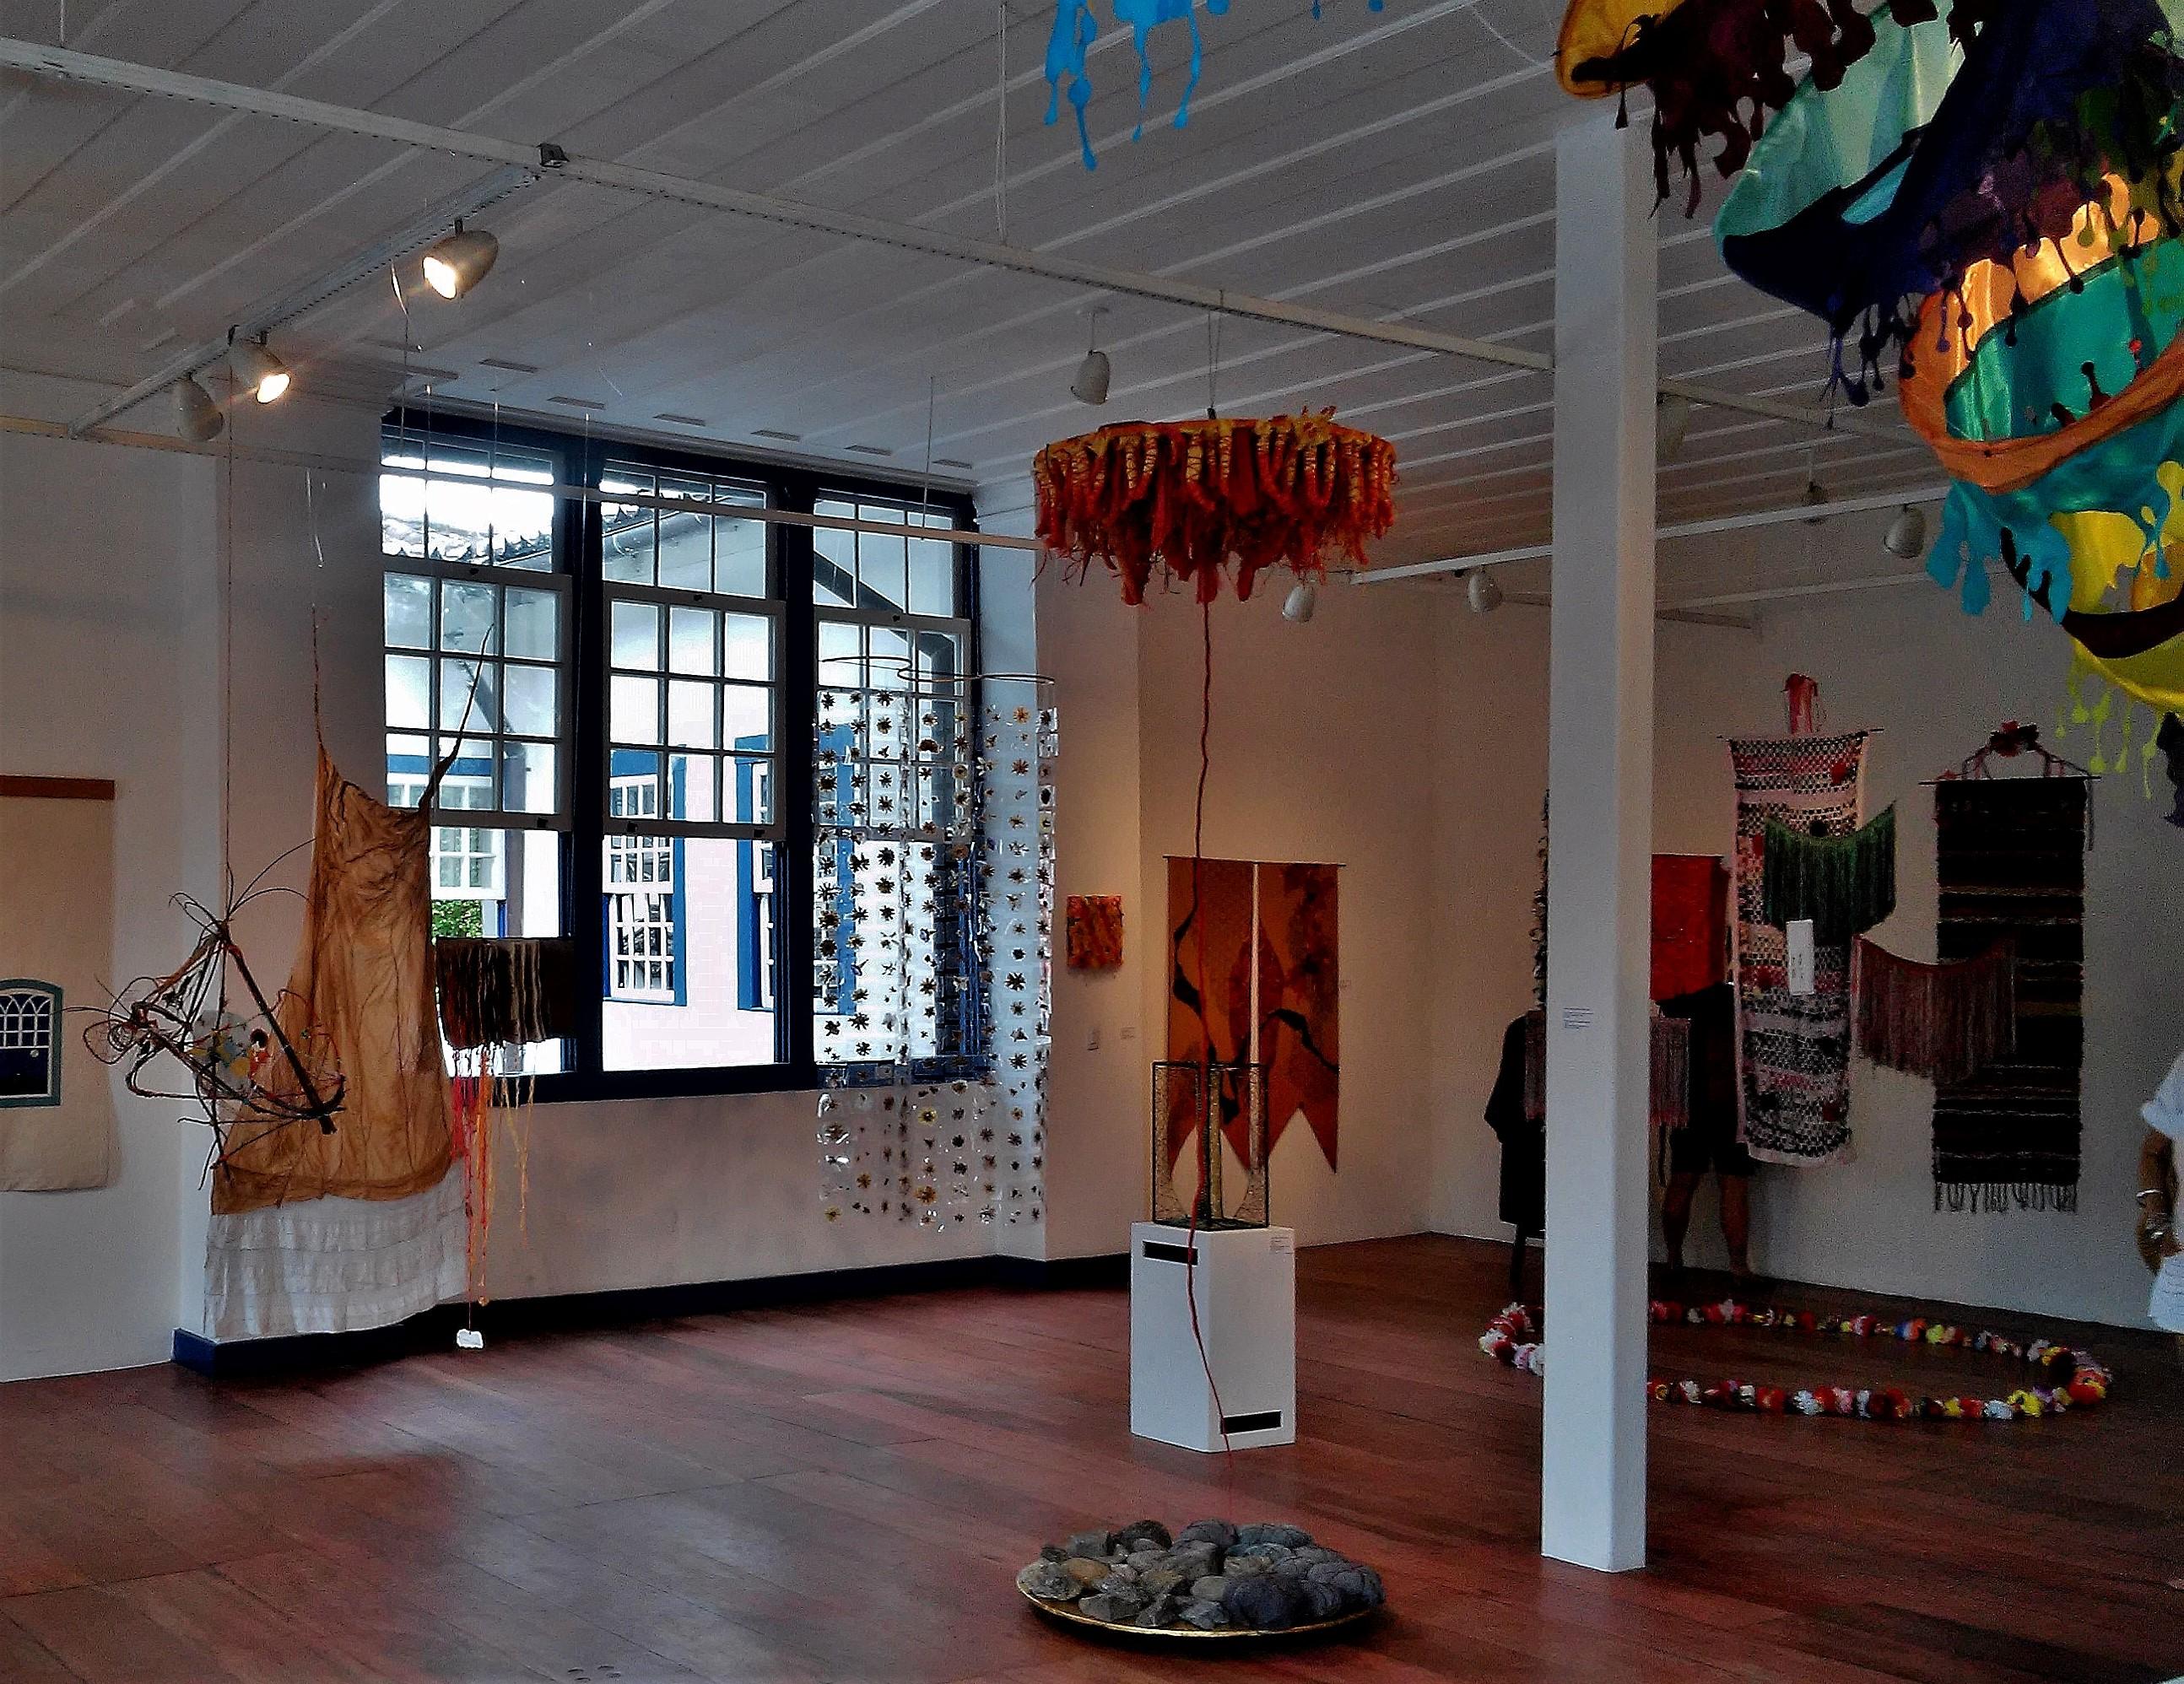 exposição do grupo TENET Casa de cultura de Paraty, outubro de 2016 (1)